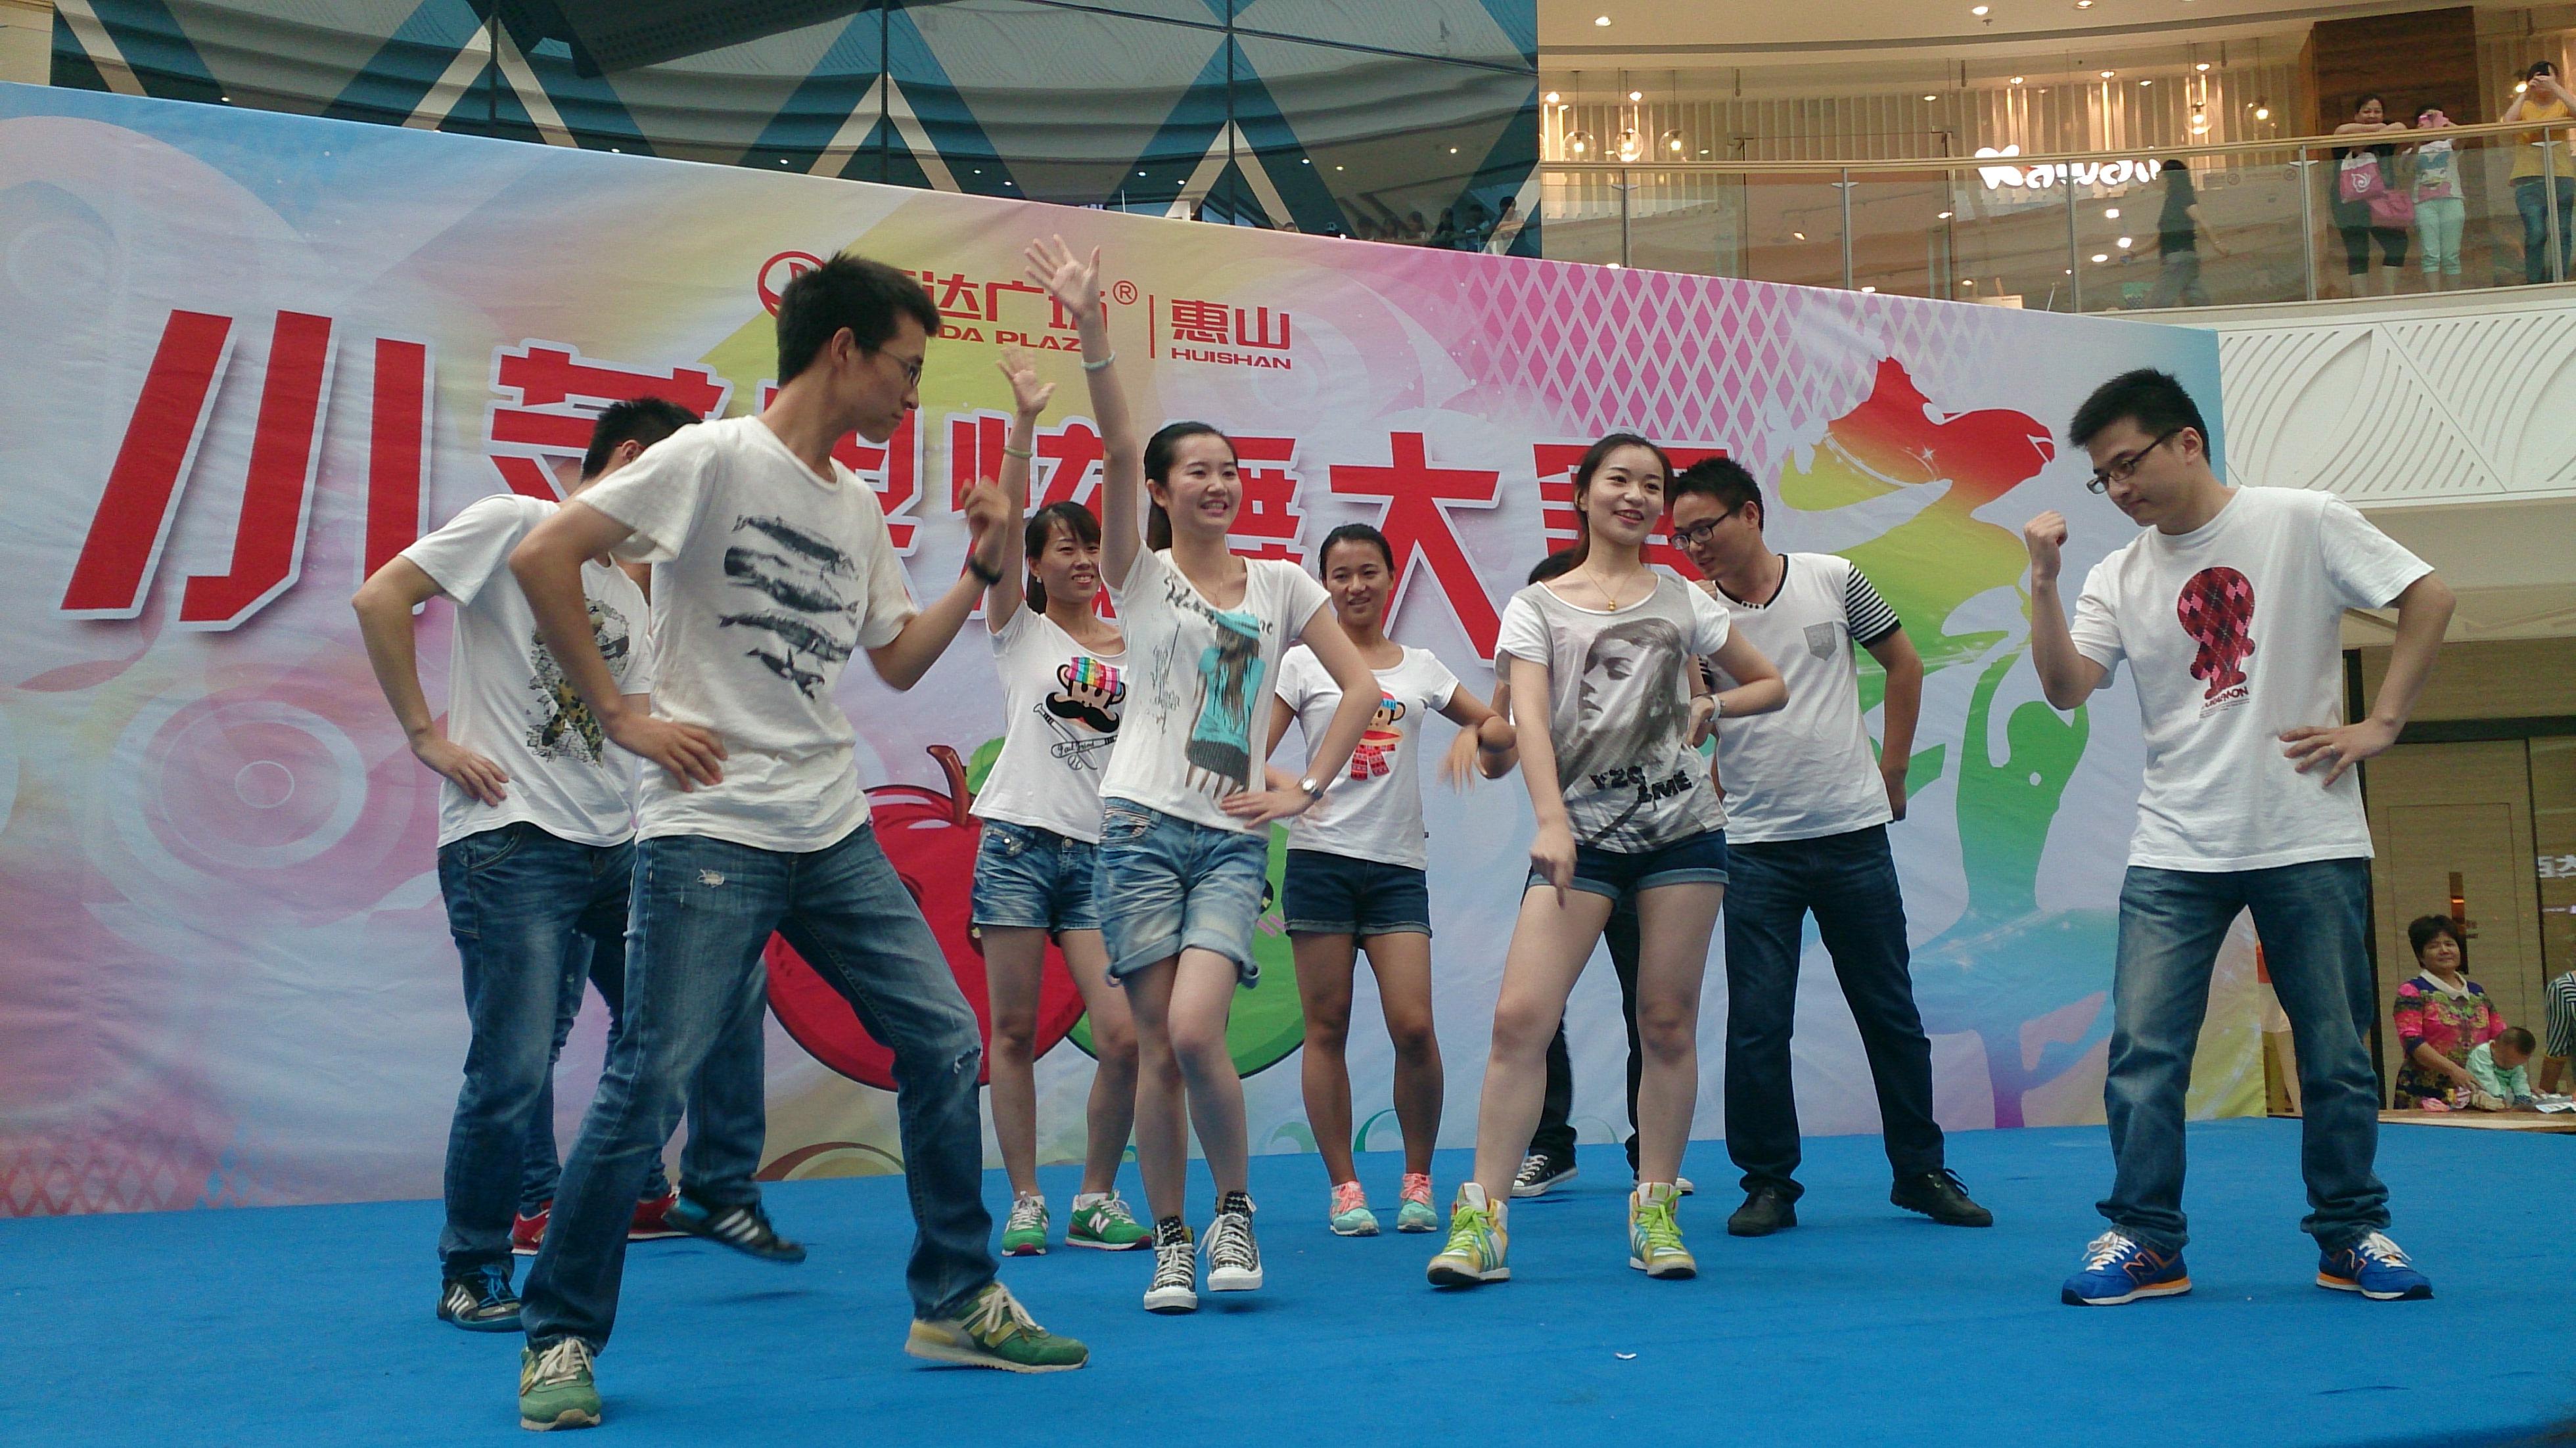 8月10日,惠山商管举办的小苹果炫舞大赛在广场一楼椭圆厅举行。参赛团队有在校学生、有主动参加的商户、更有商管公司的帅哥靓妹。 比赛当天共有11支团队参赛,每个团队以不同风格的舞蹈形式完美的诠释了自己心中的小苹果。首先登场的么么哒团队的激情热舞引爆了整个广场的气氛,引来众多观众前来,真不愧是专业舞蹈团队。接下来小可爱团队、米斯特披萨员工组成牛仔很忙、商场内商户组成的青春队依次登场。青春队身着黑白双色连身短裙,脚配黑色双色皮鞋,带着迷人的笑容、跟着喧嚣的音乐、踩着乐点变幻队形,彰显青春活